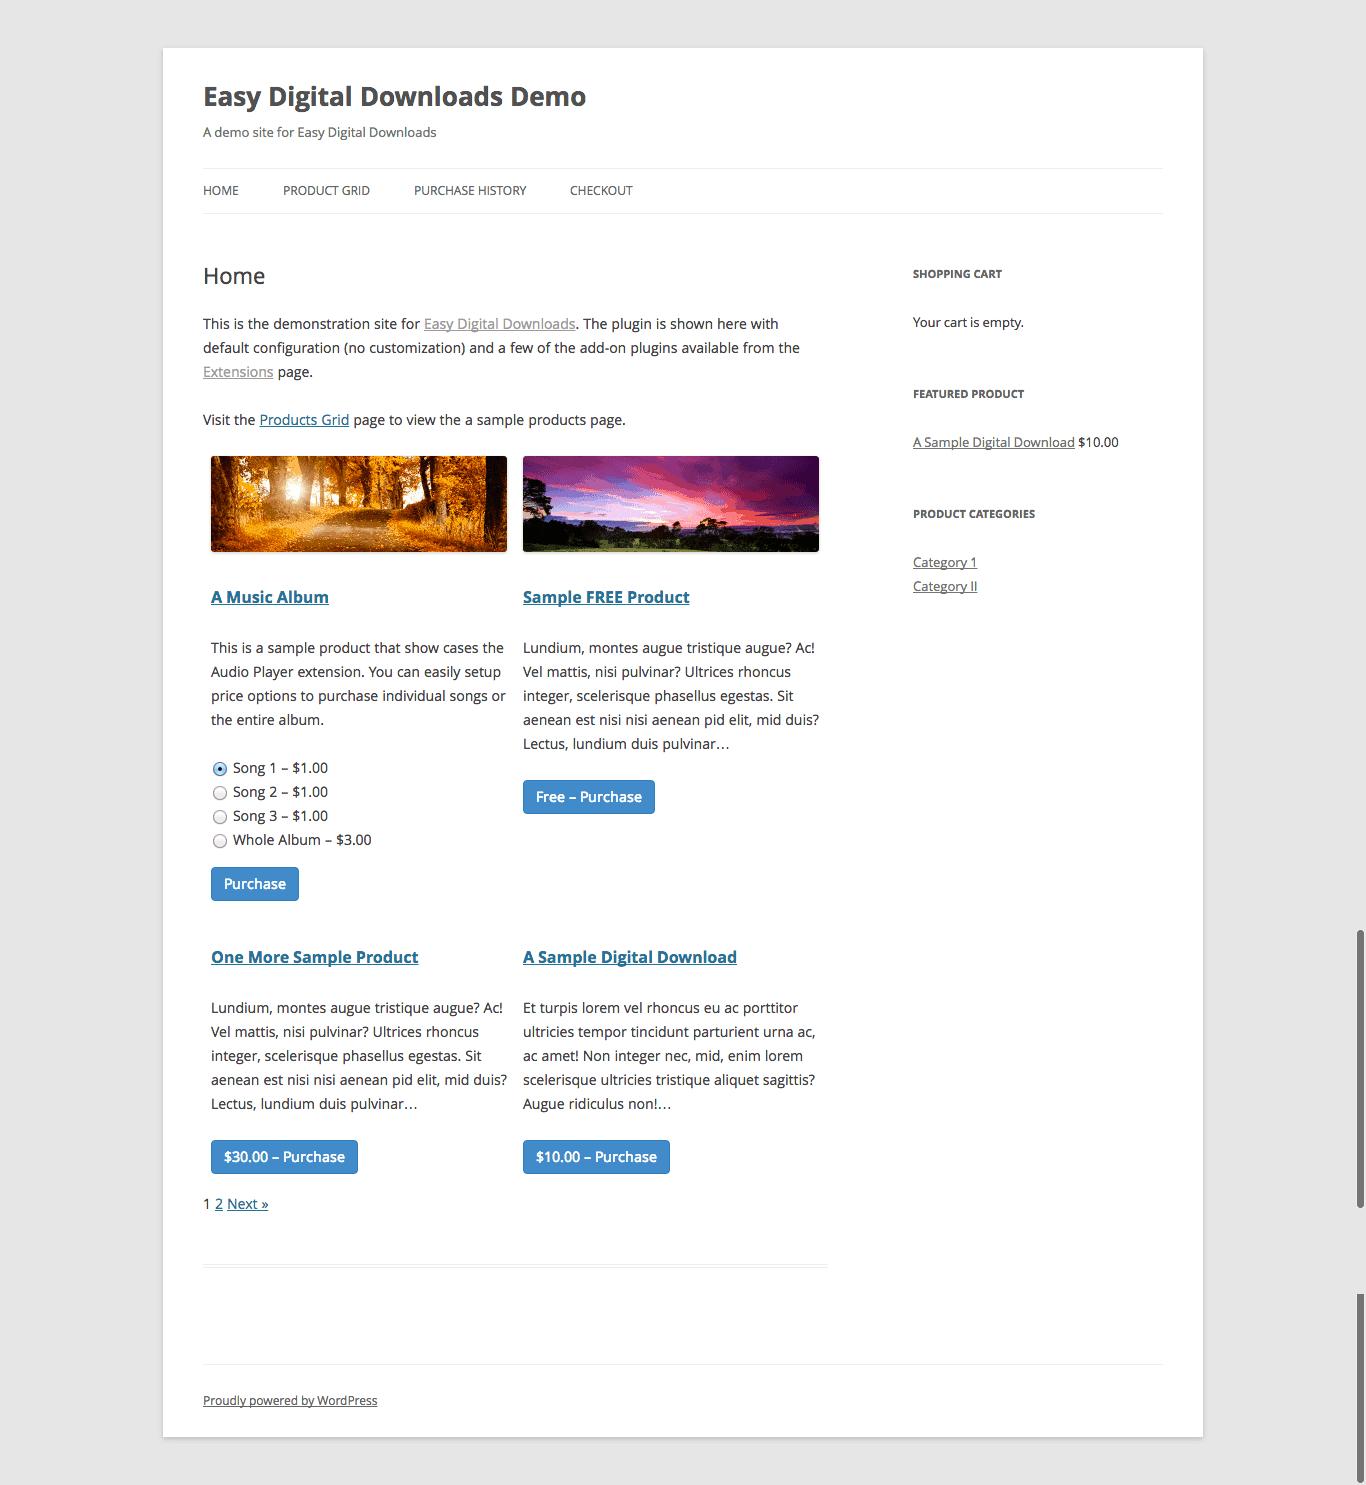 Easy digital downloads ejemplo de pagina de venta